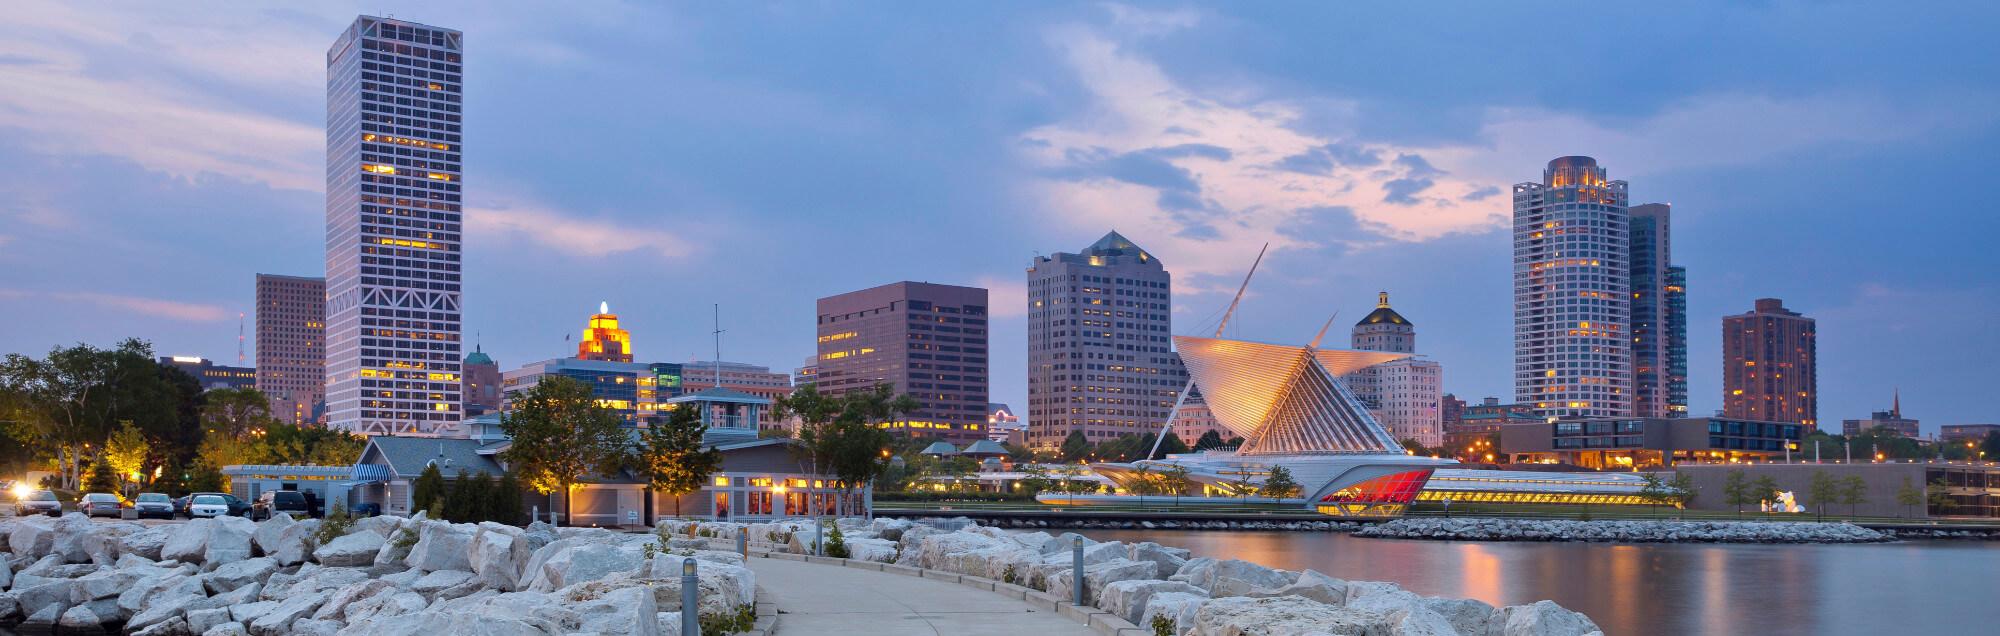 Milwaukeee